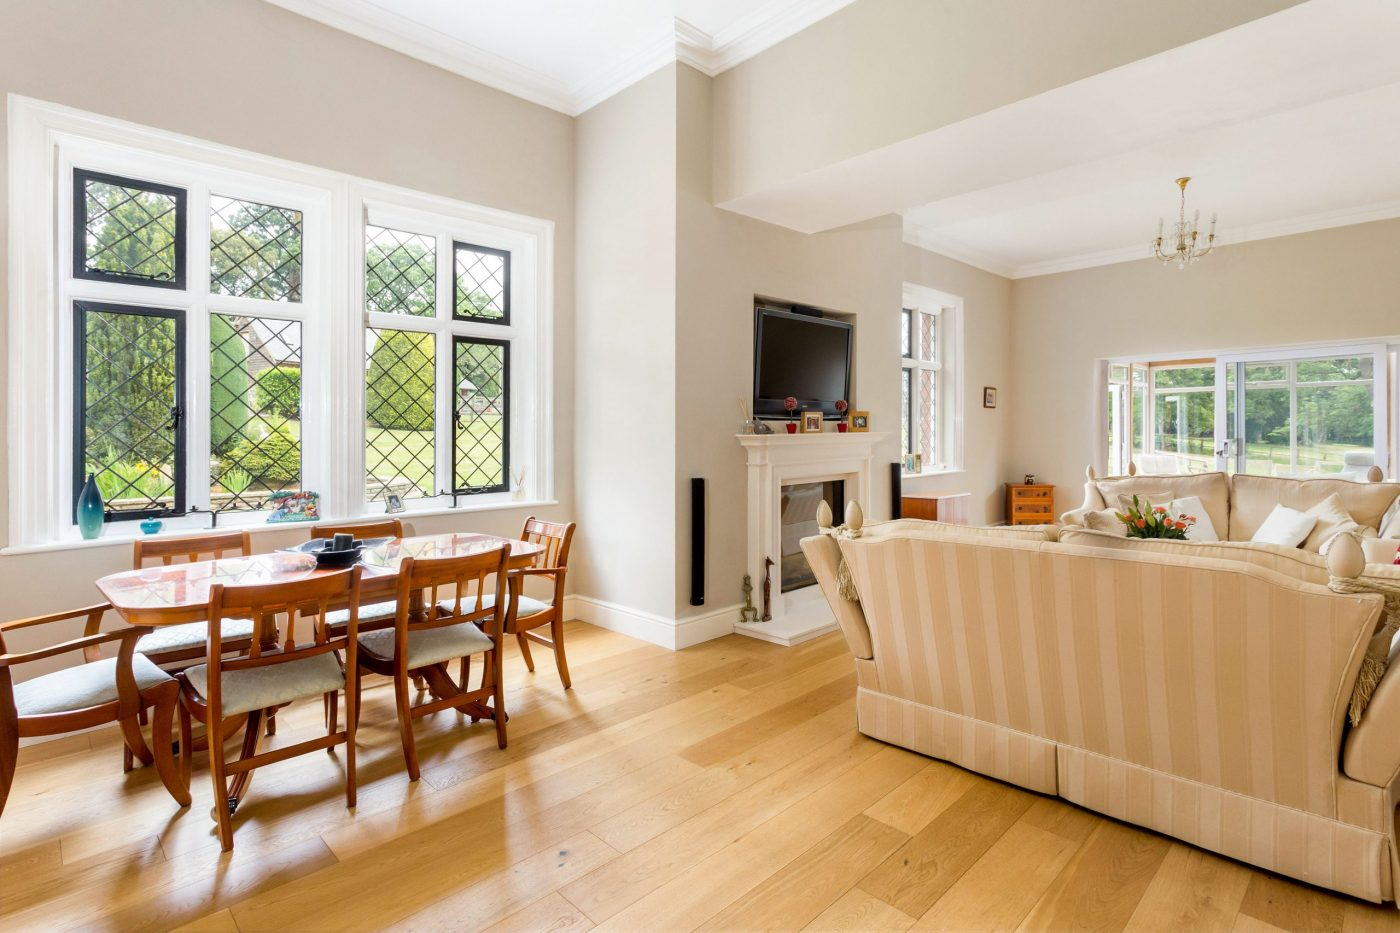 Você gostaria de se mudar para esta propriedade de cinco quartos com estábulos, nove hectares, piscina coberta e anexo? 5